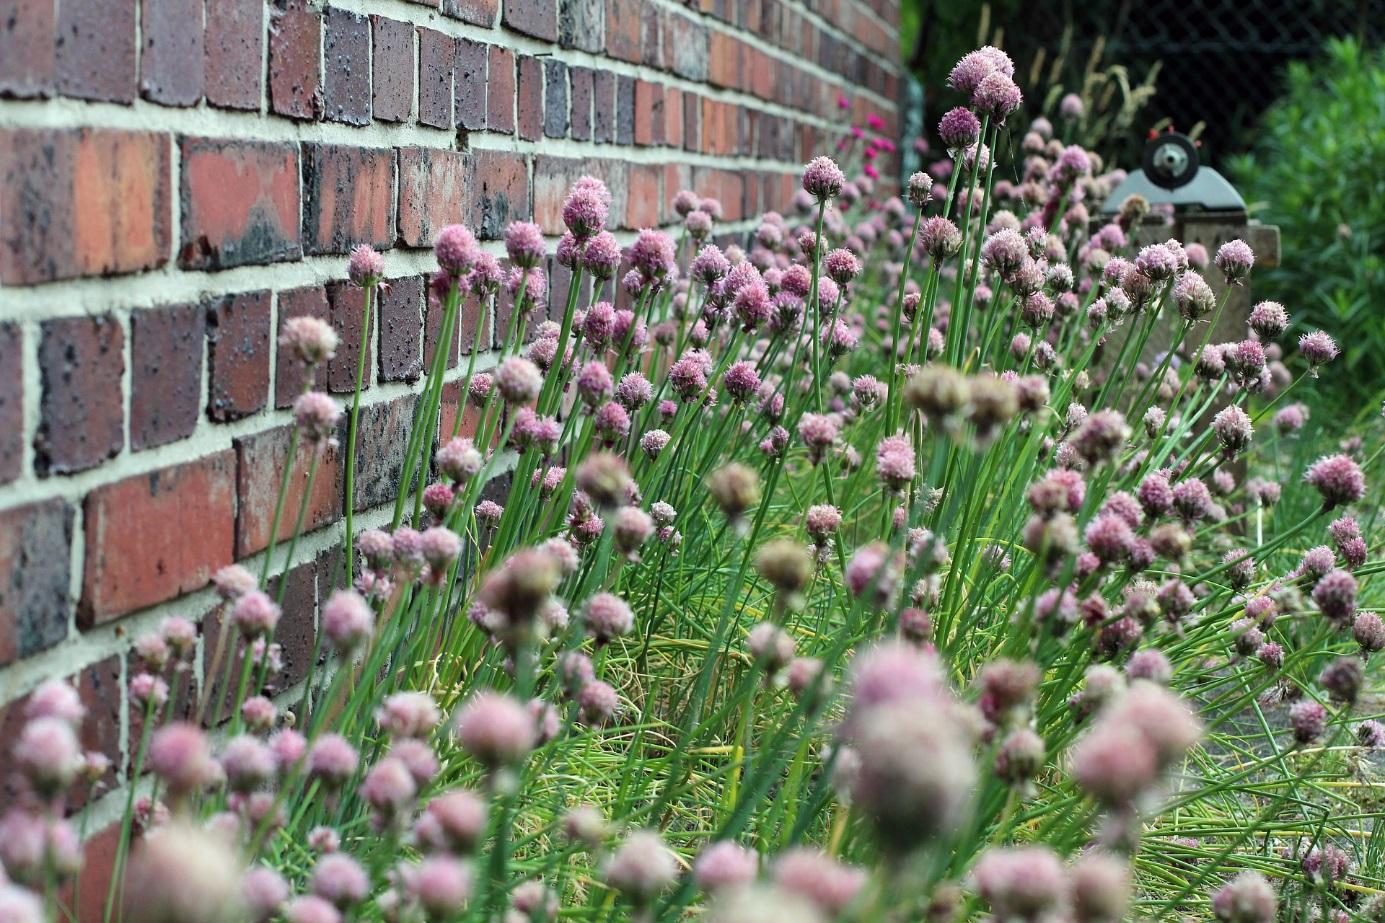 Aménagement Jardin Pas Cher 44 façons de se cacher de vos voisins au jardin (photos et